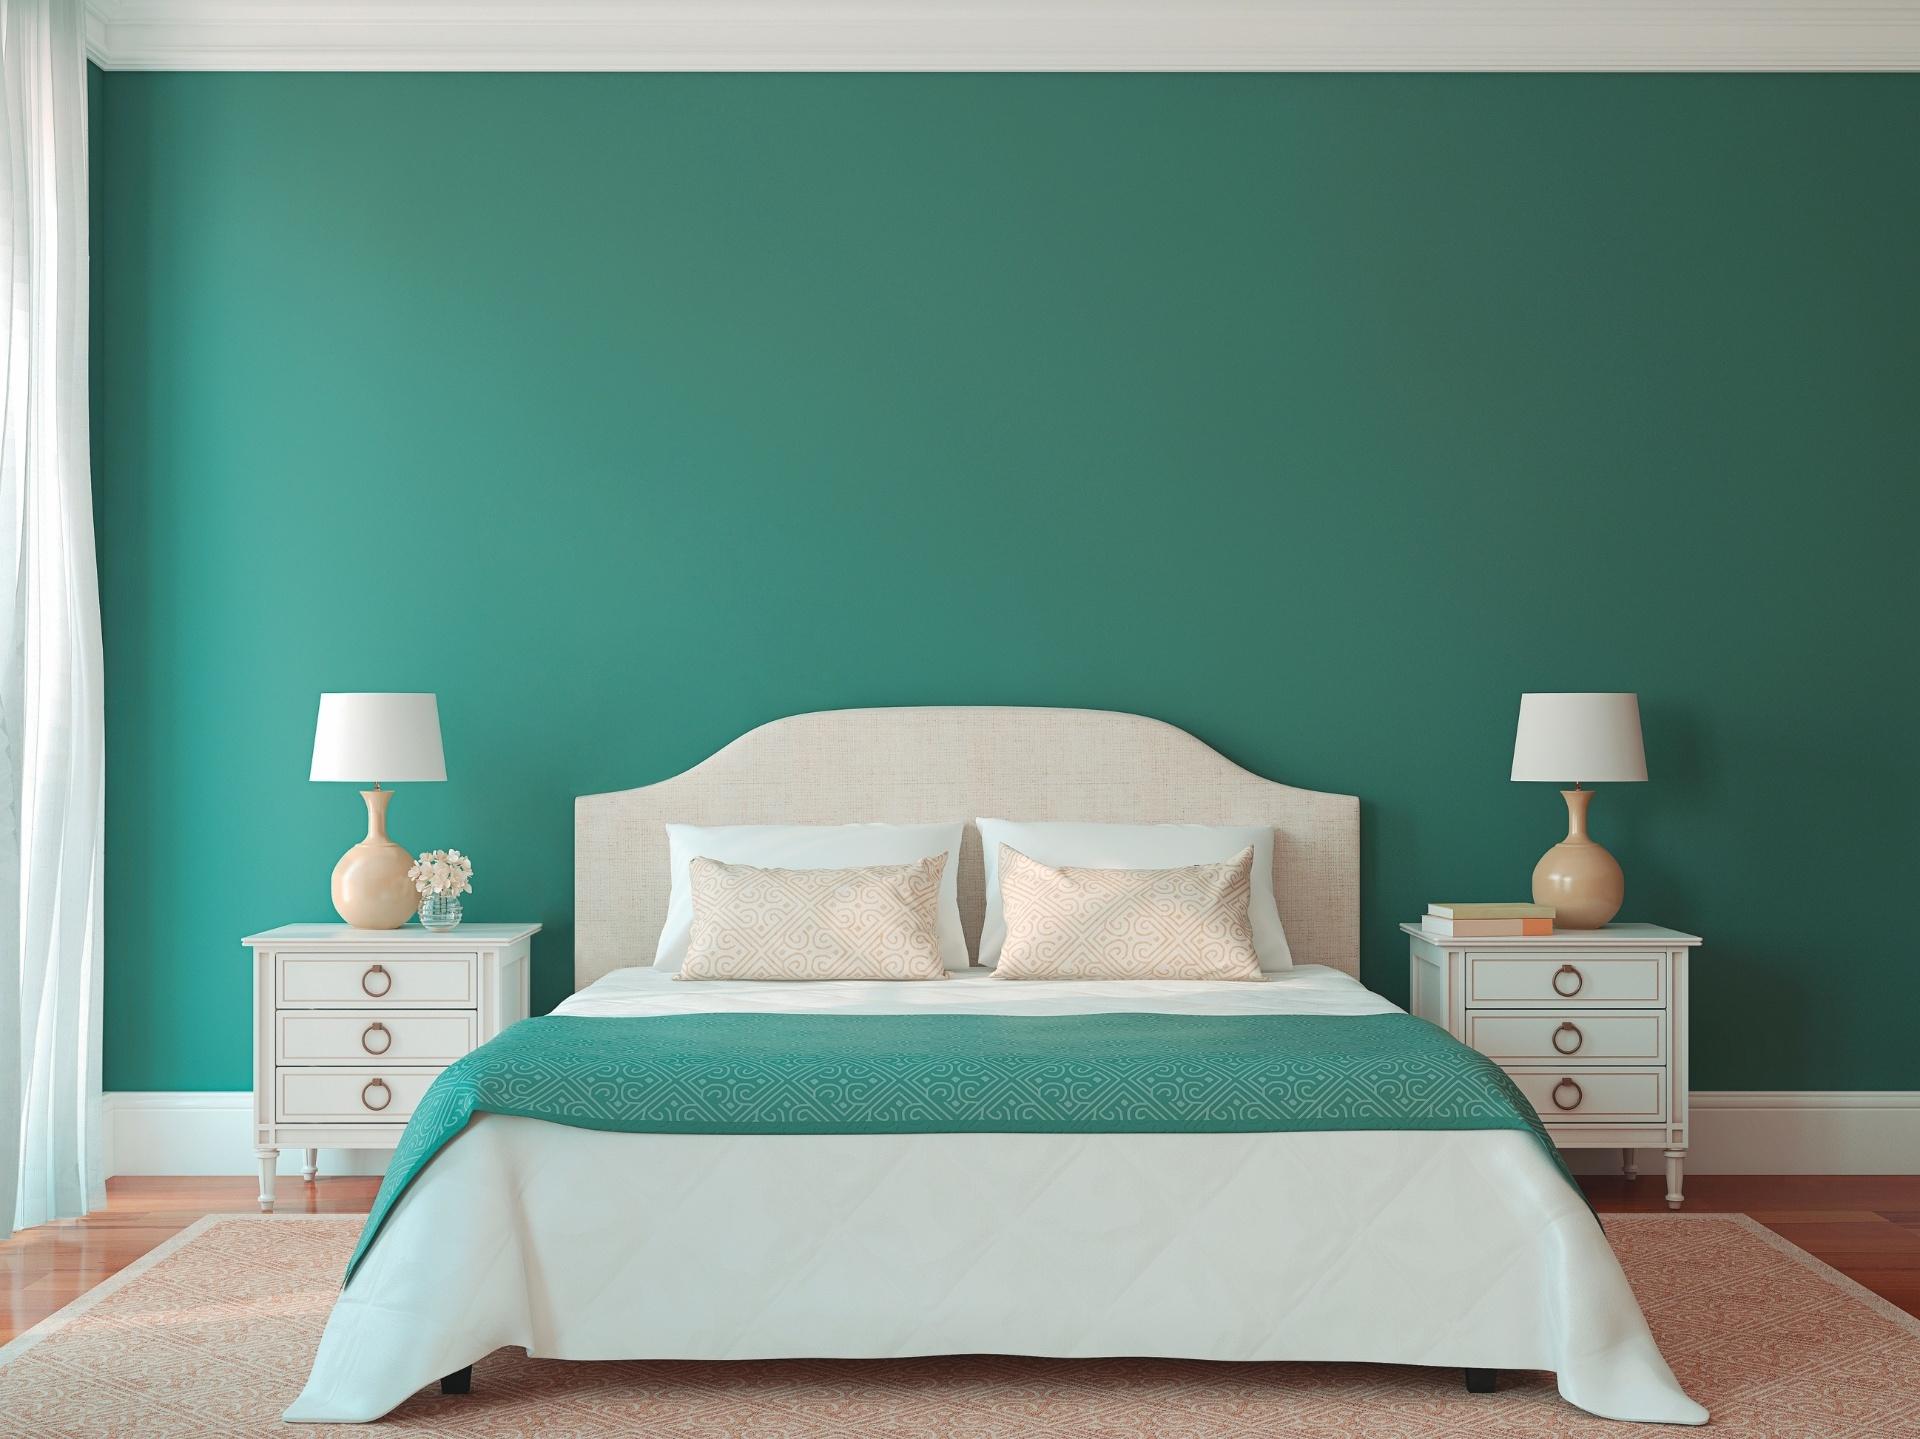 Inspirada nas águas do oceano Pacífico, a coleção Equilibrium do catálogo de tendências 2016 da Lukscolor é composta por verdes azulados (